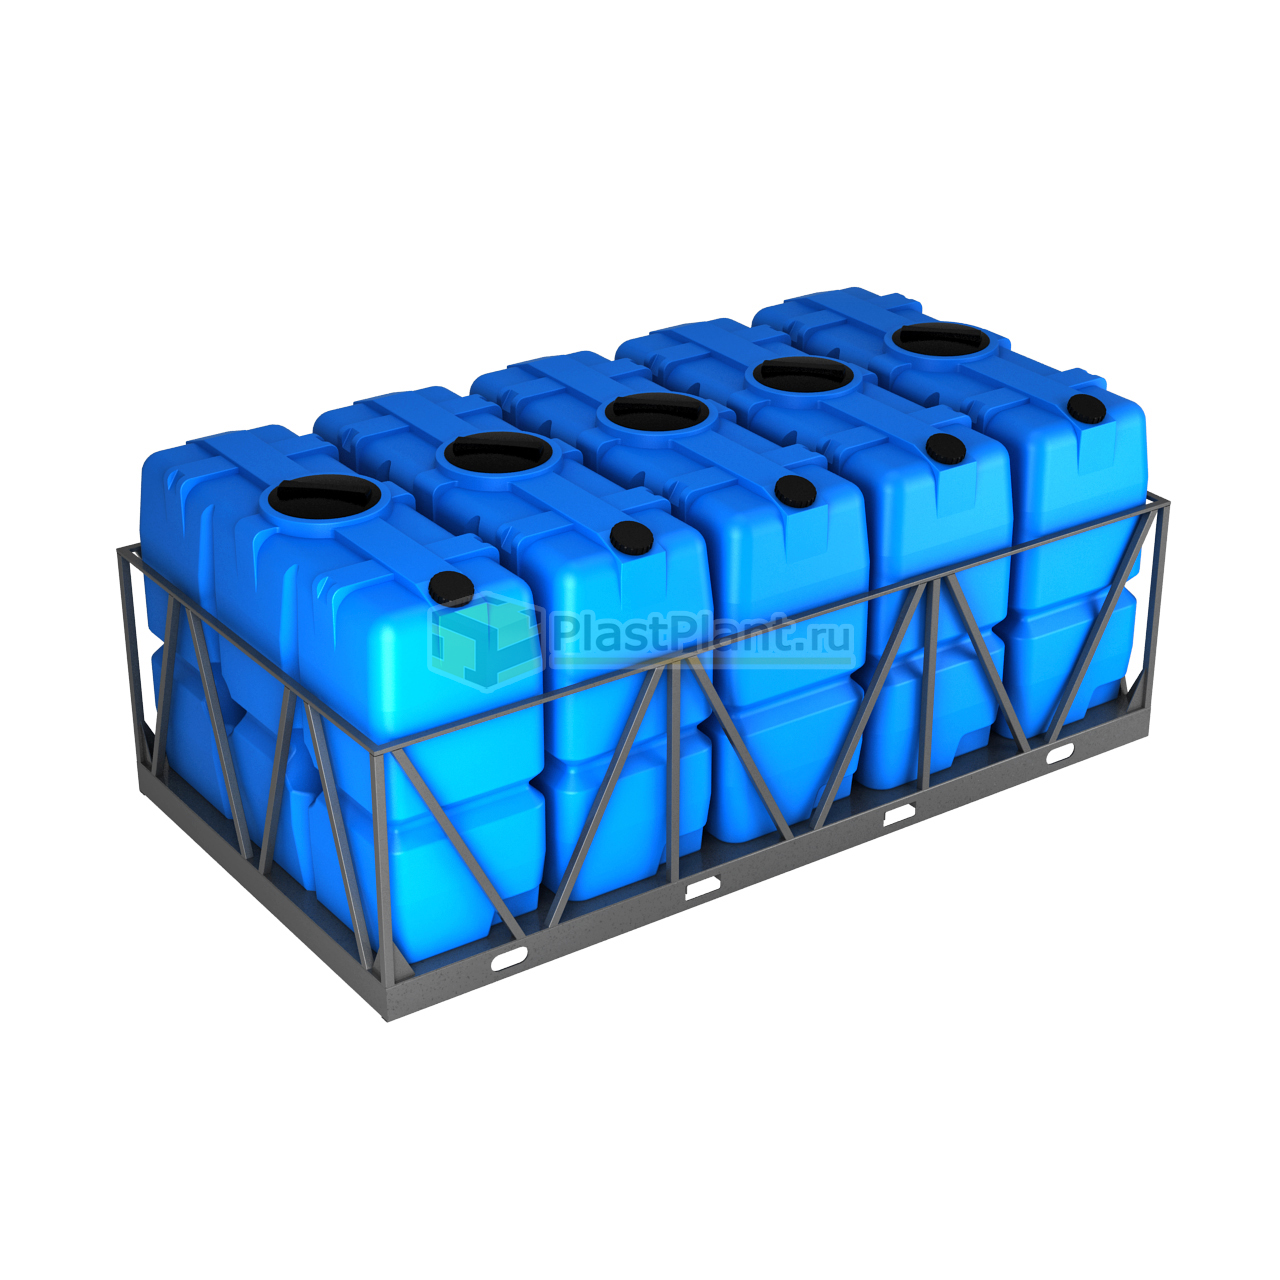 Бак 2000 литров серии SK в обрешетке кассета 5 шт - купить в компании ПластПлэнт